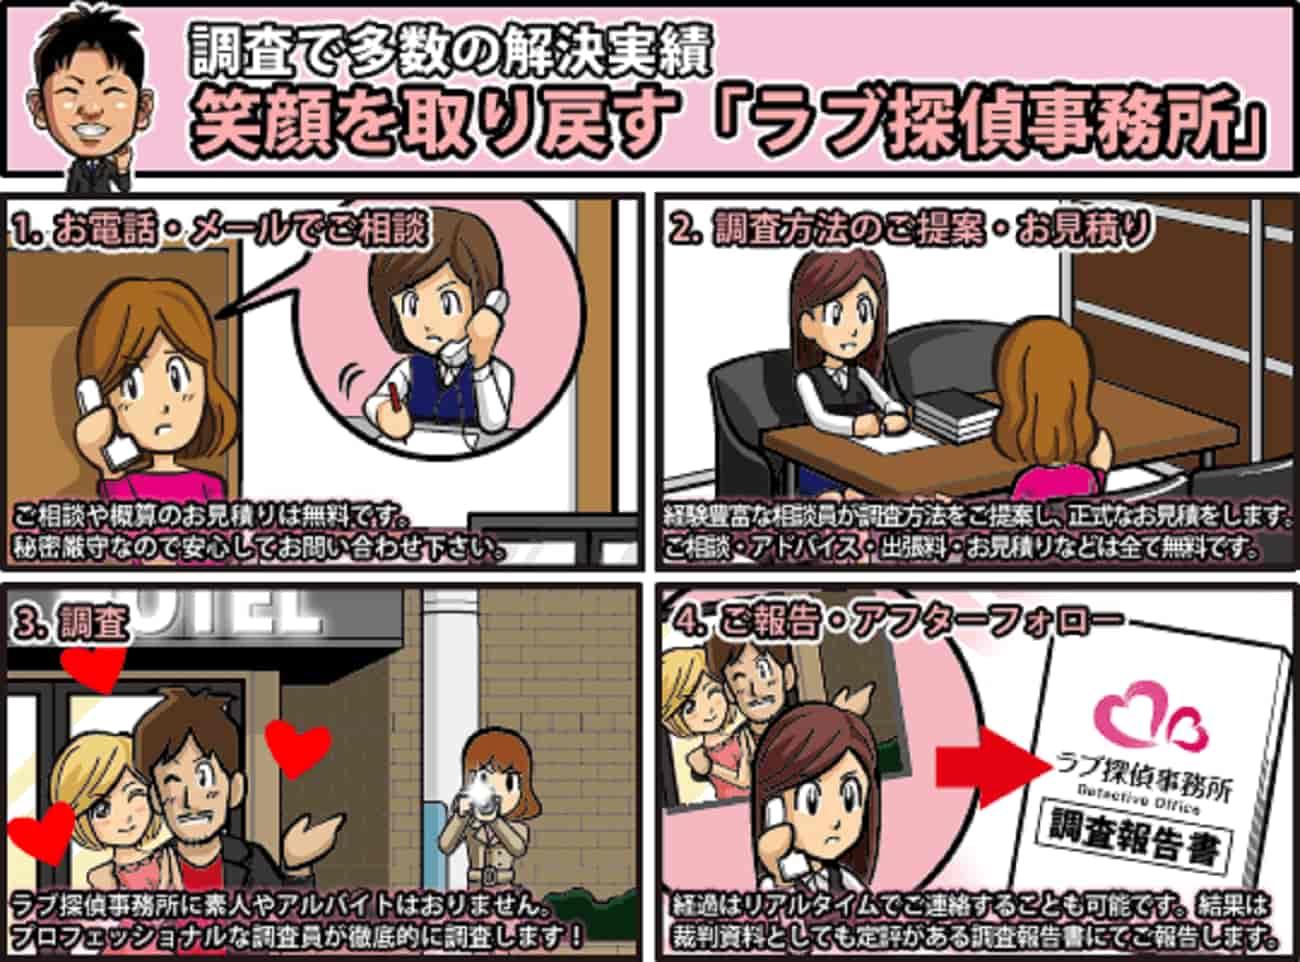 ラブ探偵事務所は千葉県香取郡神崎町の相談お見積り無料